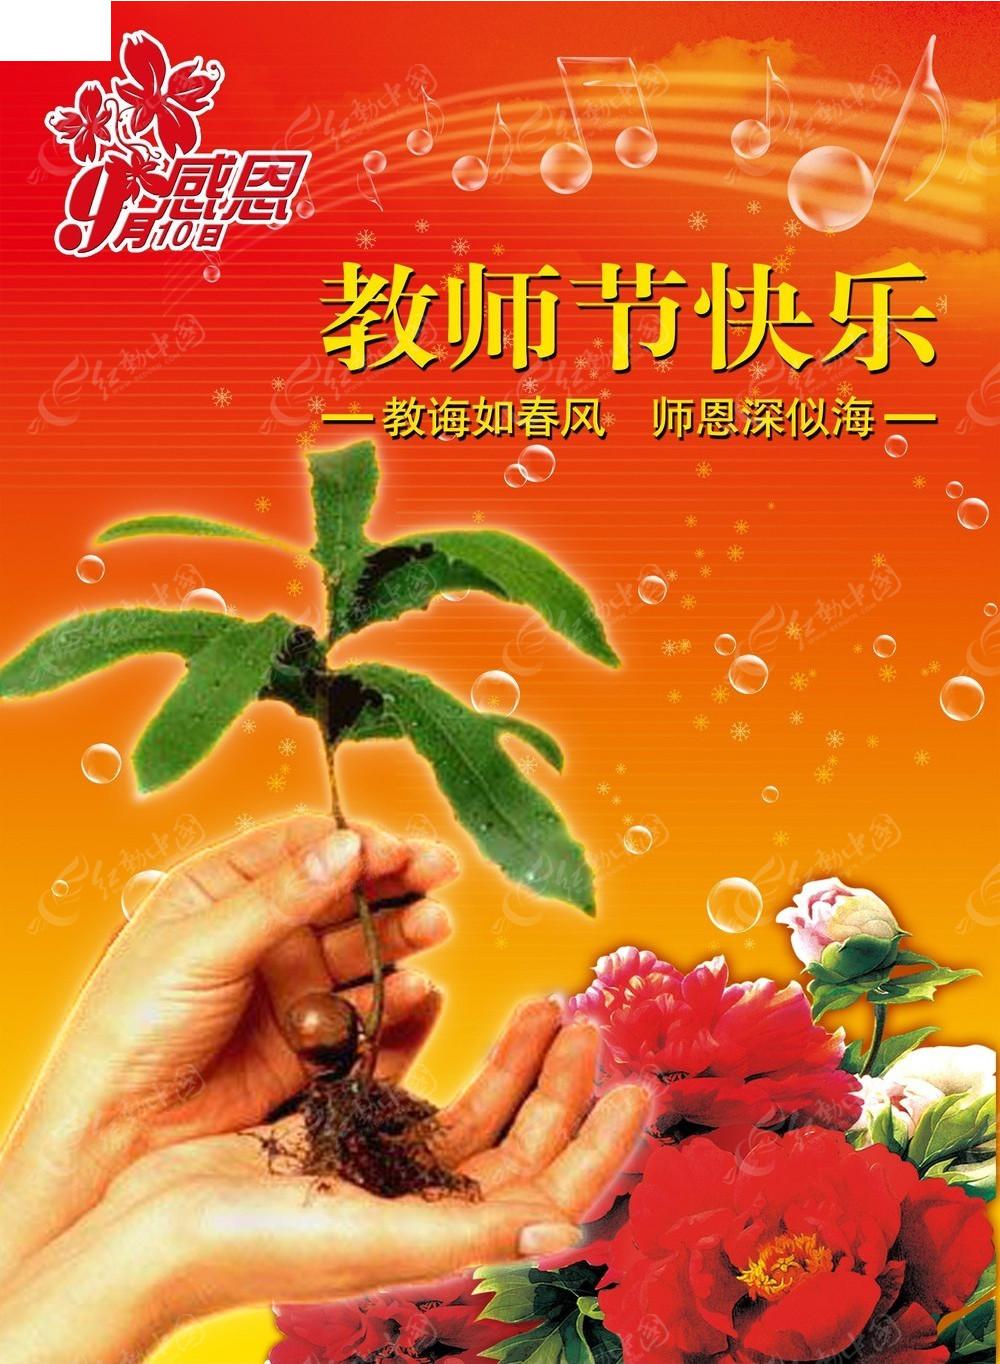 教师节庆祝_庆祝教师节海报